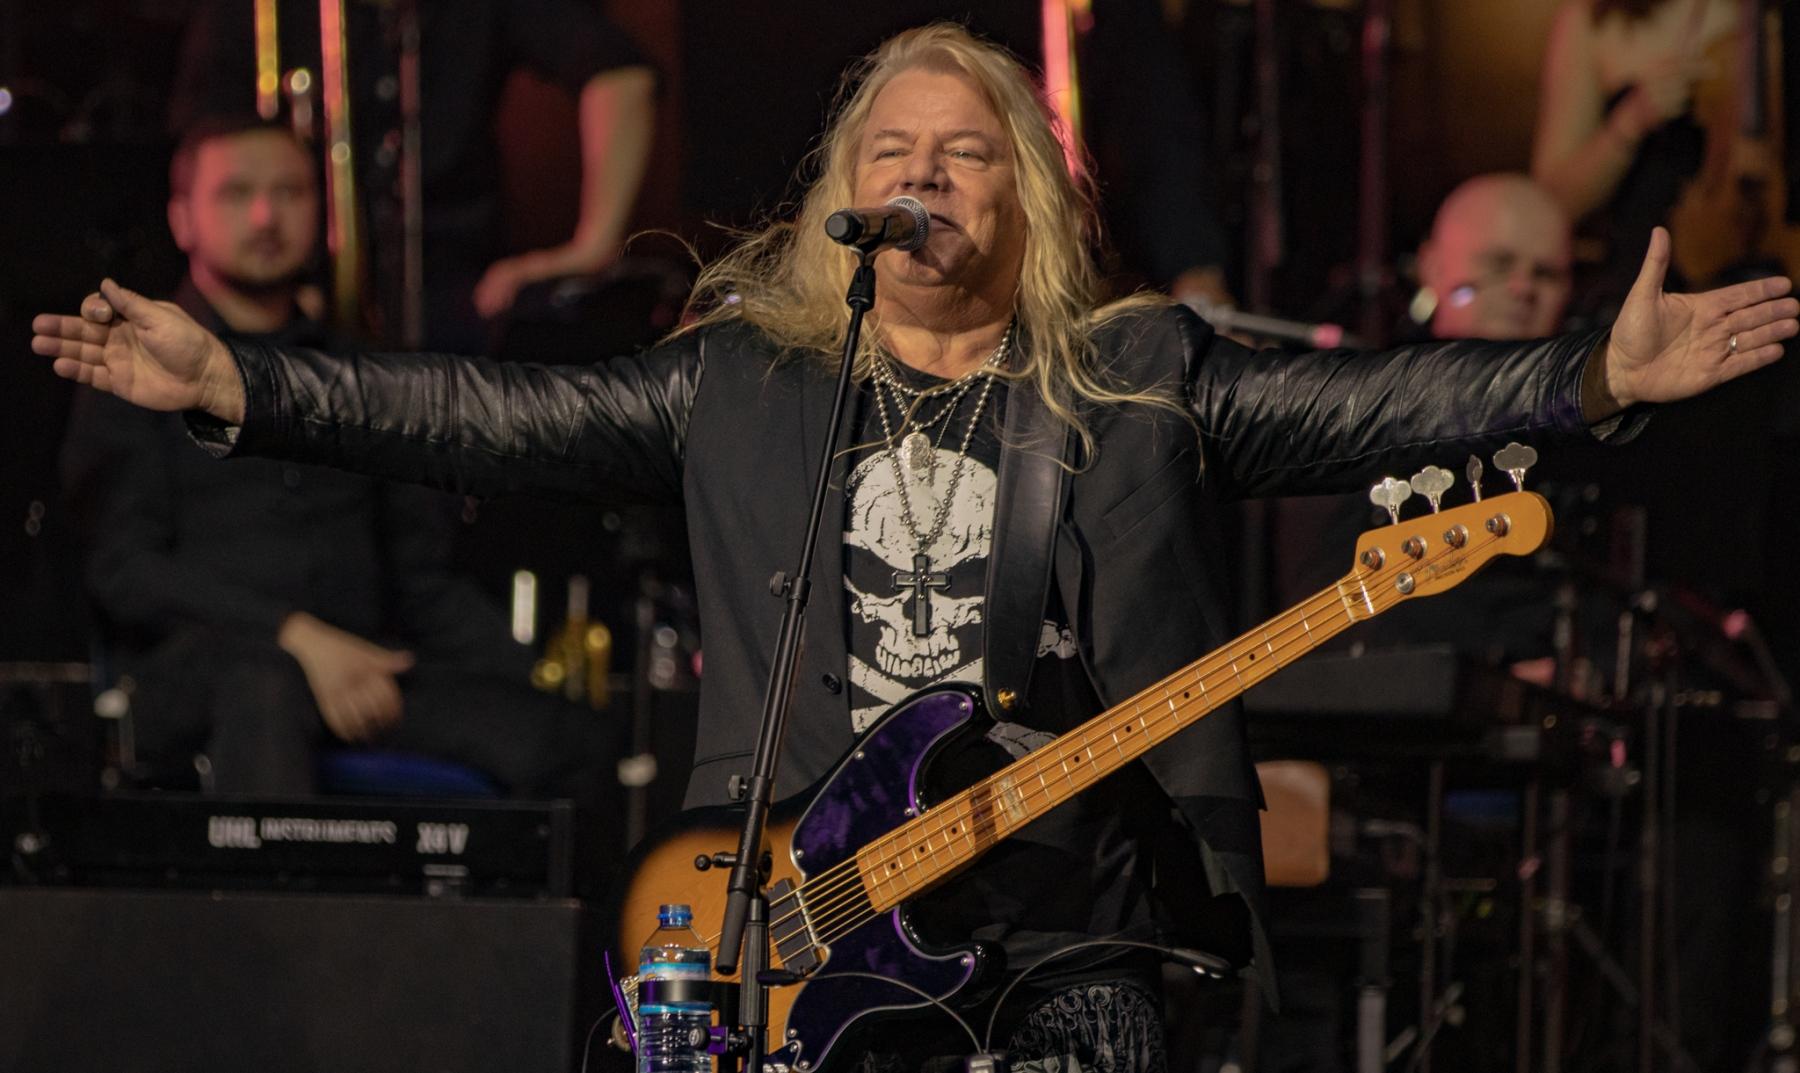 rock-meets-classic-07-03-2020-0715